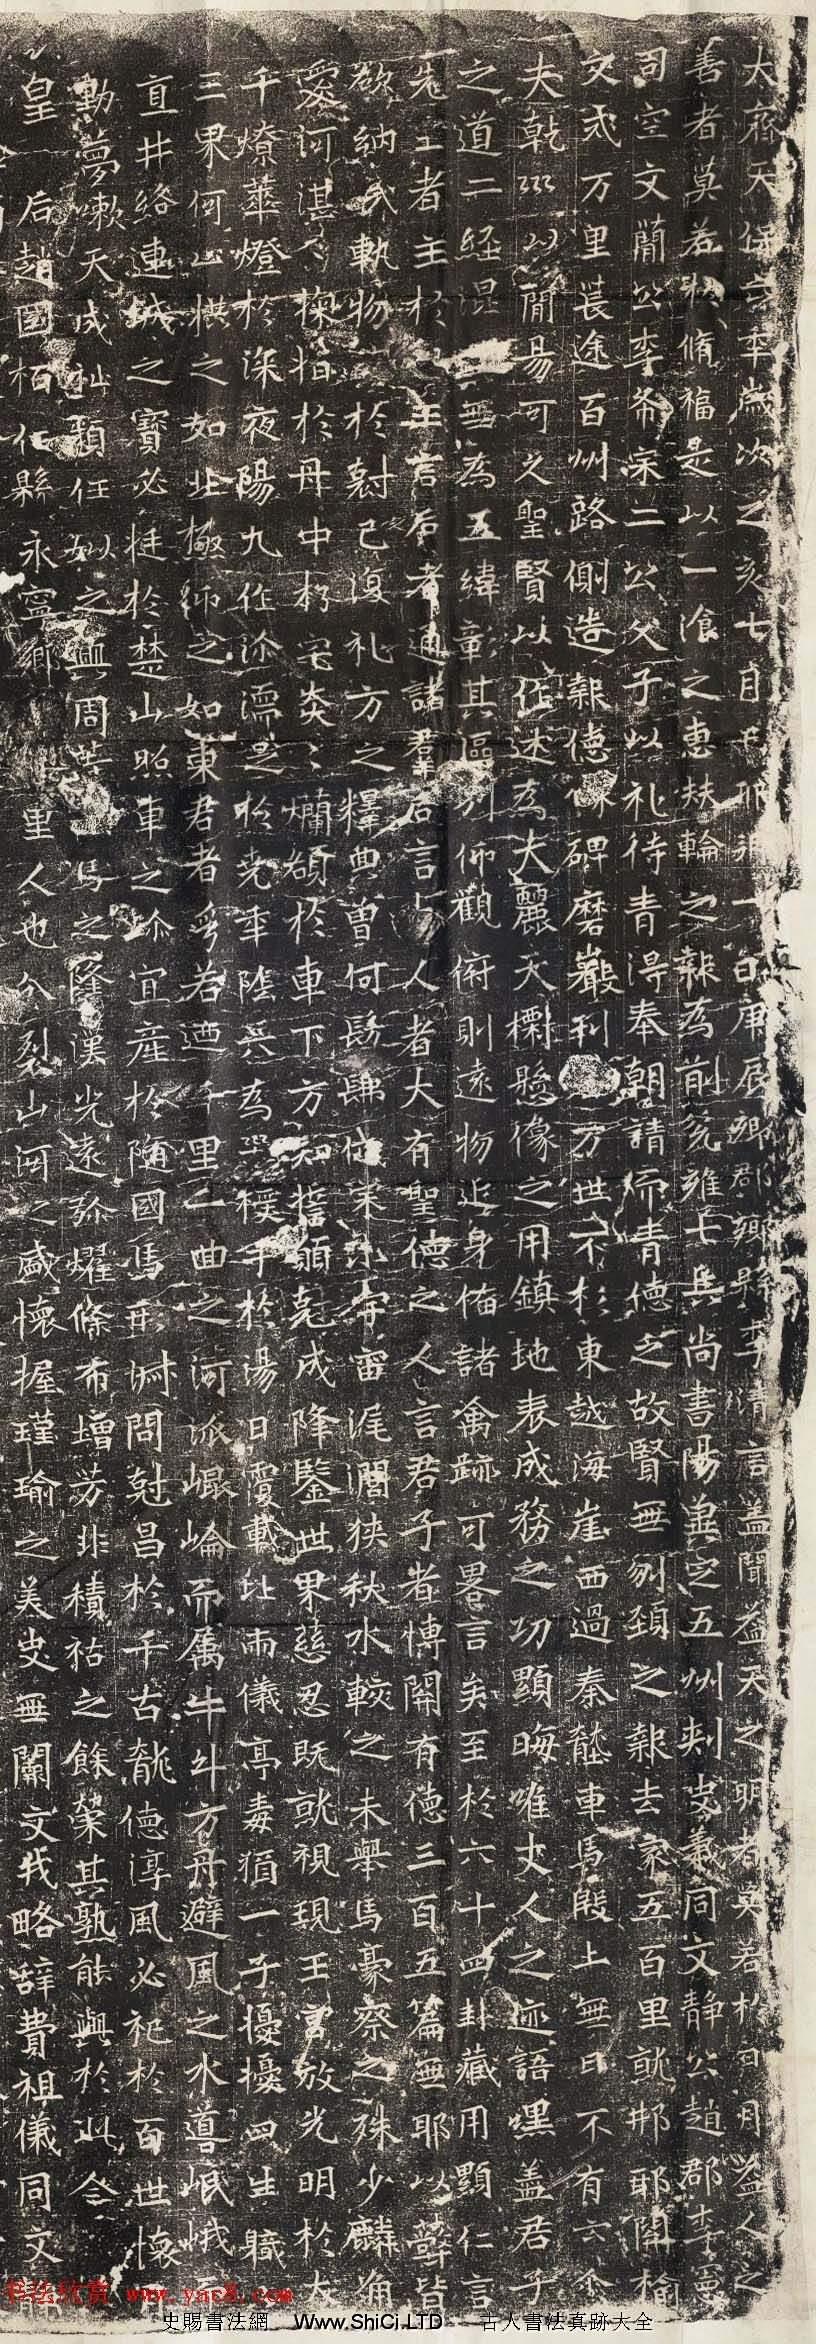 北齊摩崖石刻欣賞釋仙書報德像碑